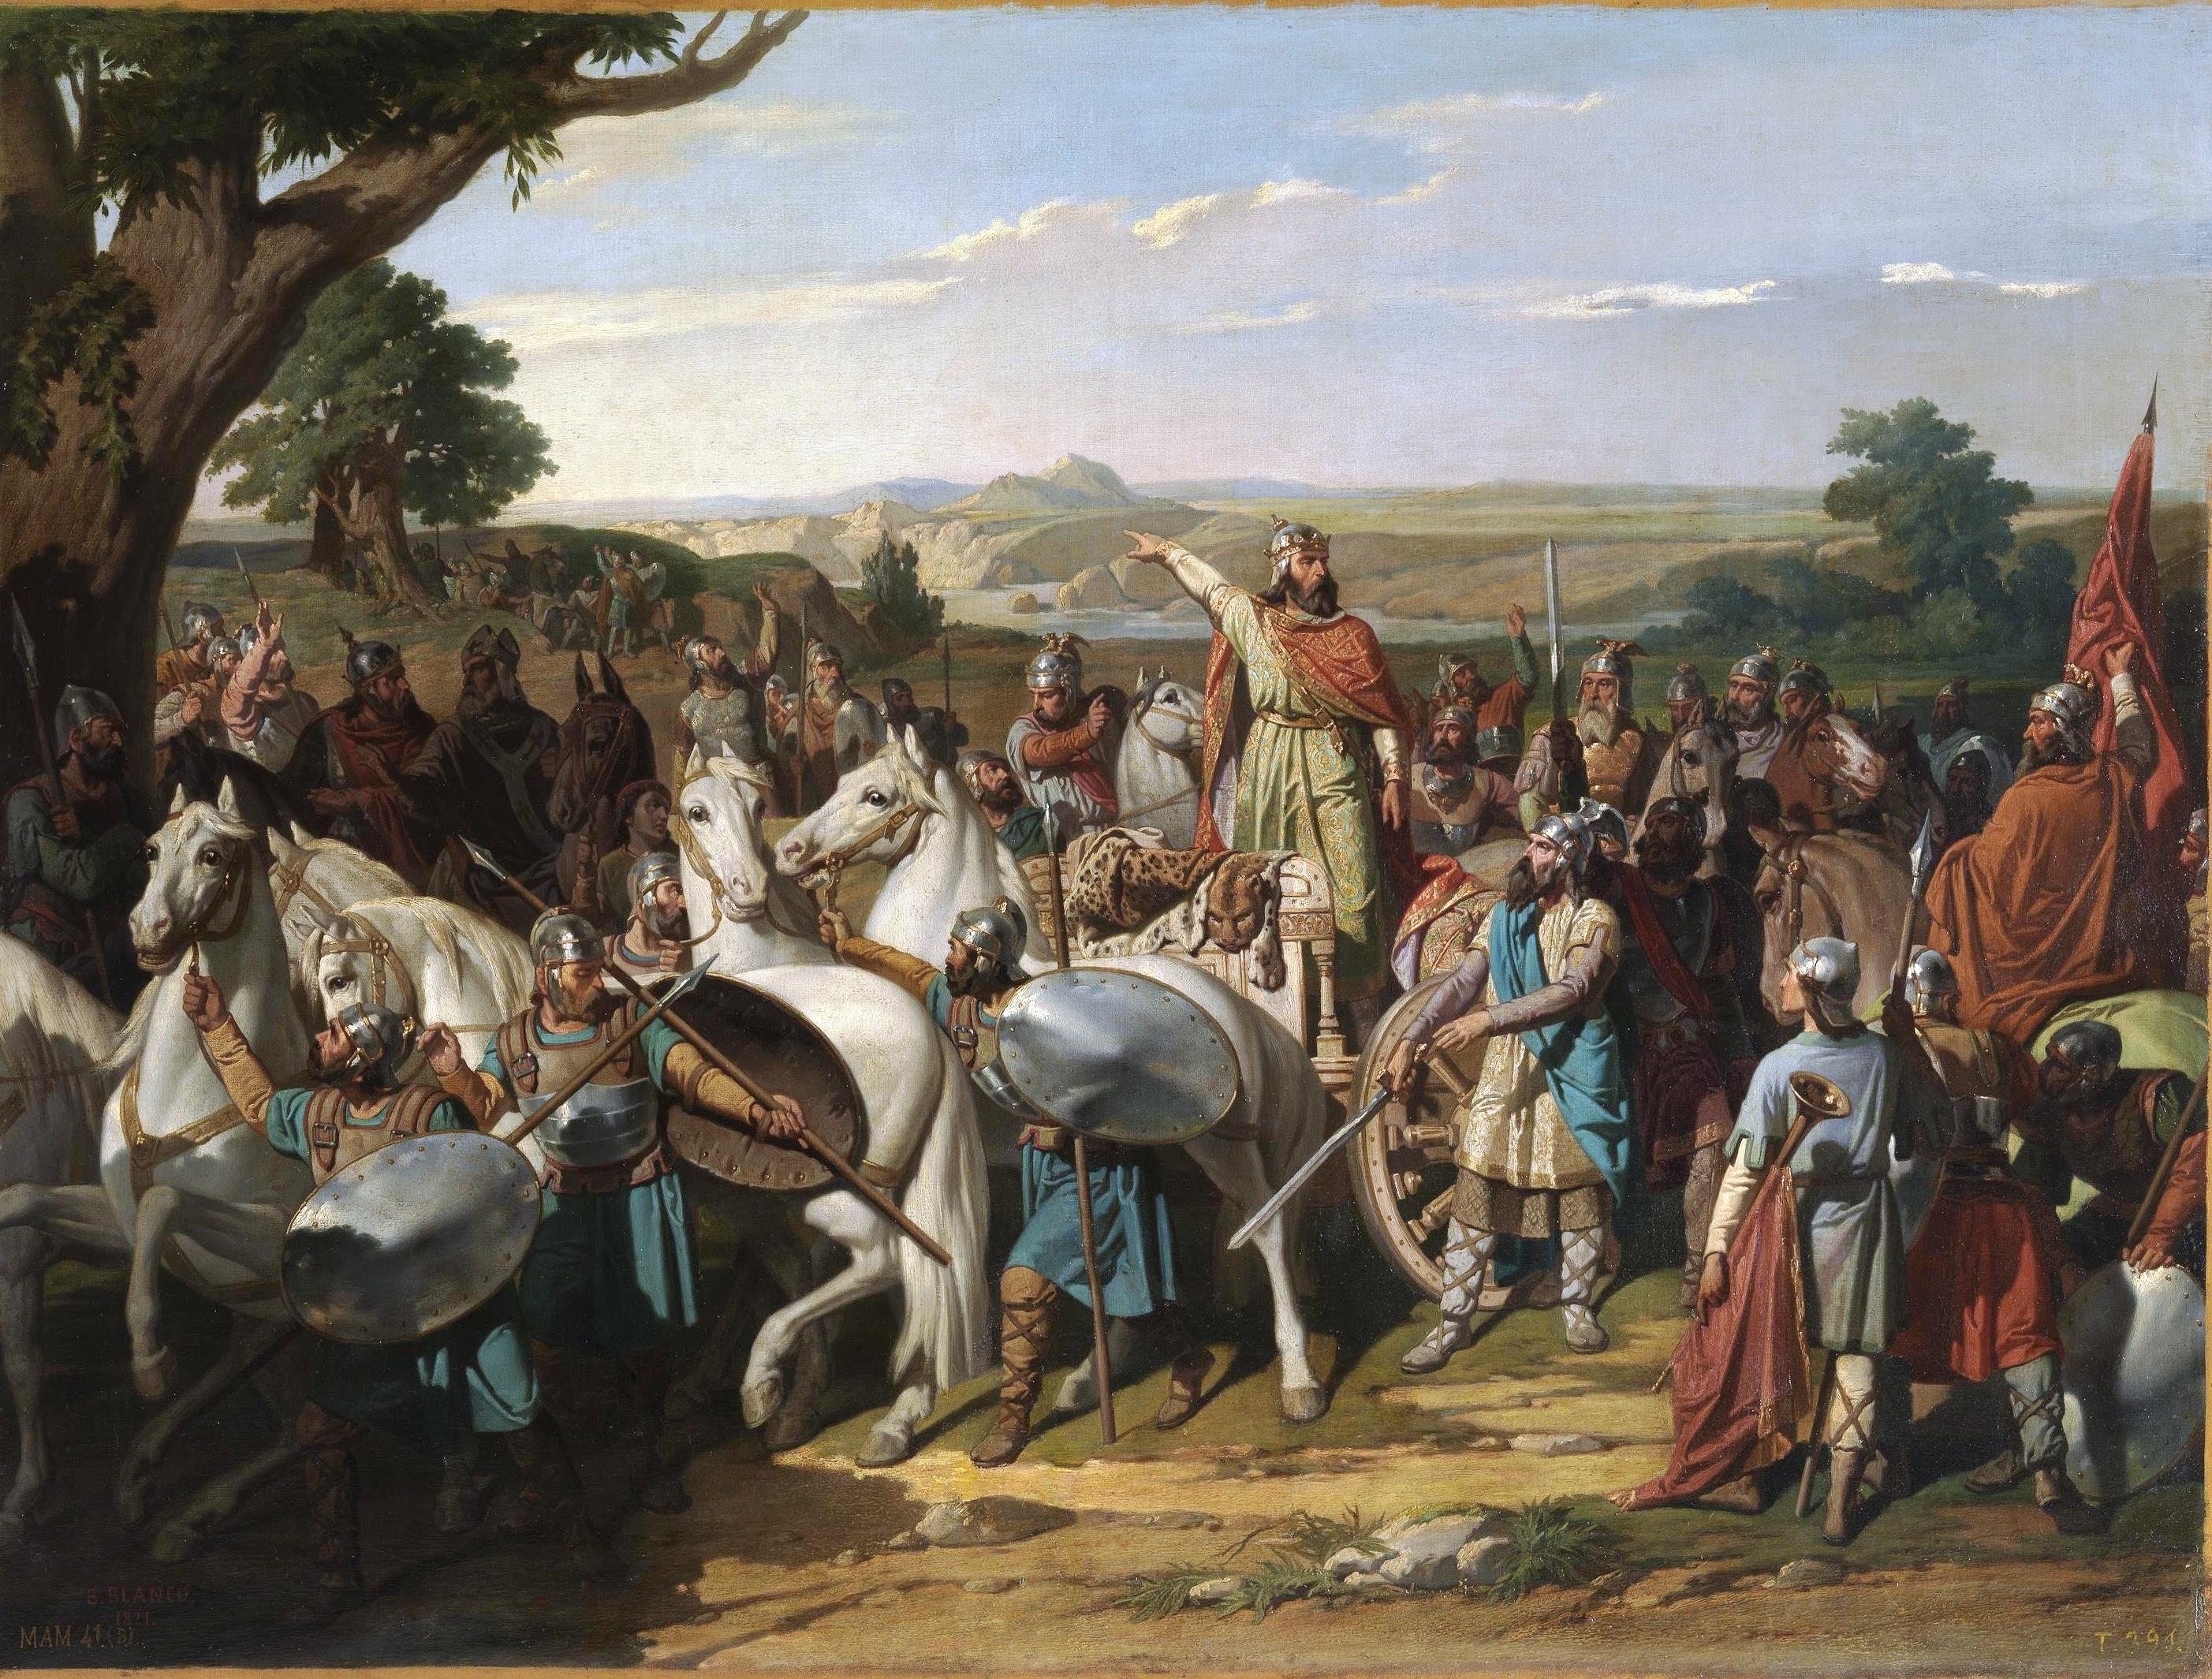 El_rey_Don_Rodrigo_arengando_a_sus_tropas_en_la_batalla_de_Guadalete_(Museo_del_Prado)